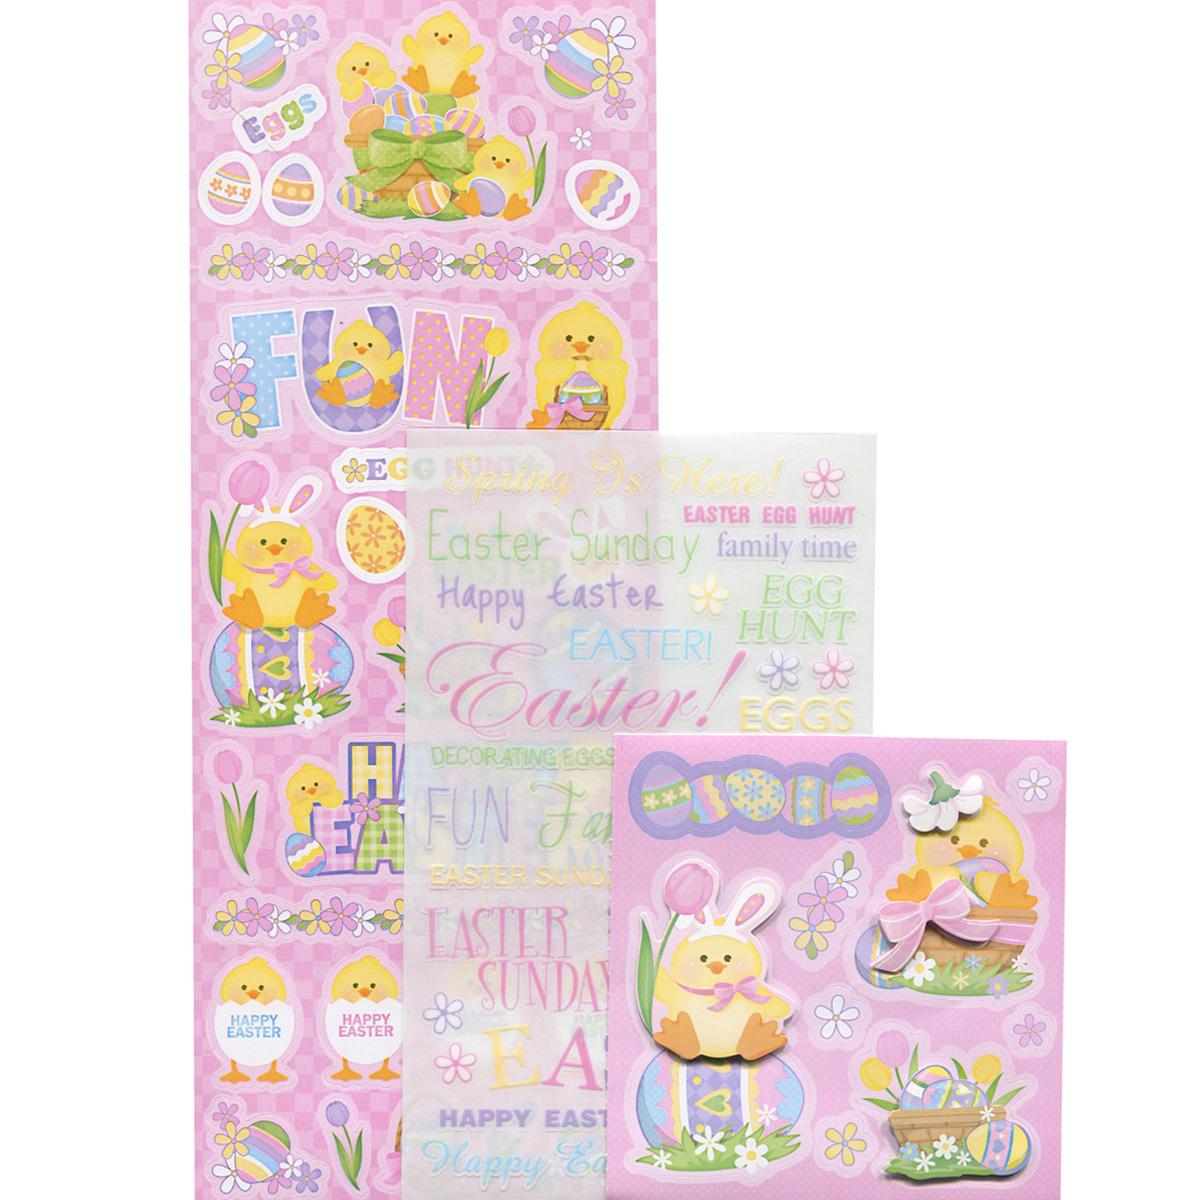 Набор декоративных наклеек Home Queen Цыплята, 69 шт60880_6Набор наклеек Home Queen Цыплята прекрасно подойдет для оформления творческих работ. Их можно использовать для украшения пасхальных яиц, упаковок, подарков и конвертов, открыток, декорирования коллажей, фотографий, изделий ручной работы и предметов интерьера. Наклейки выполнены из бумаги. Задняя сторона клейкая. В наборе - 3 блока с обычными, переводными и объемными наклейками, выполненных в виде цыплят, надписей и т.д. Такой набор украшений создаст атмосферу праздника в вашем доме. Комплектация: 69 шт. Средний размер наклейки: 5 см х 4 см.